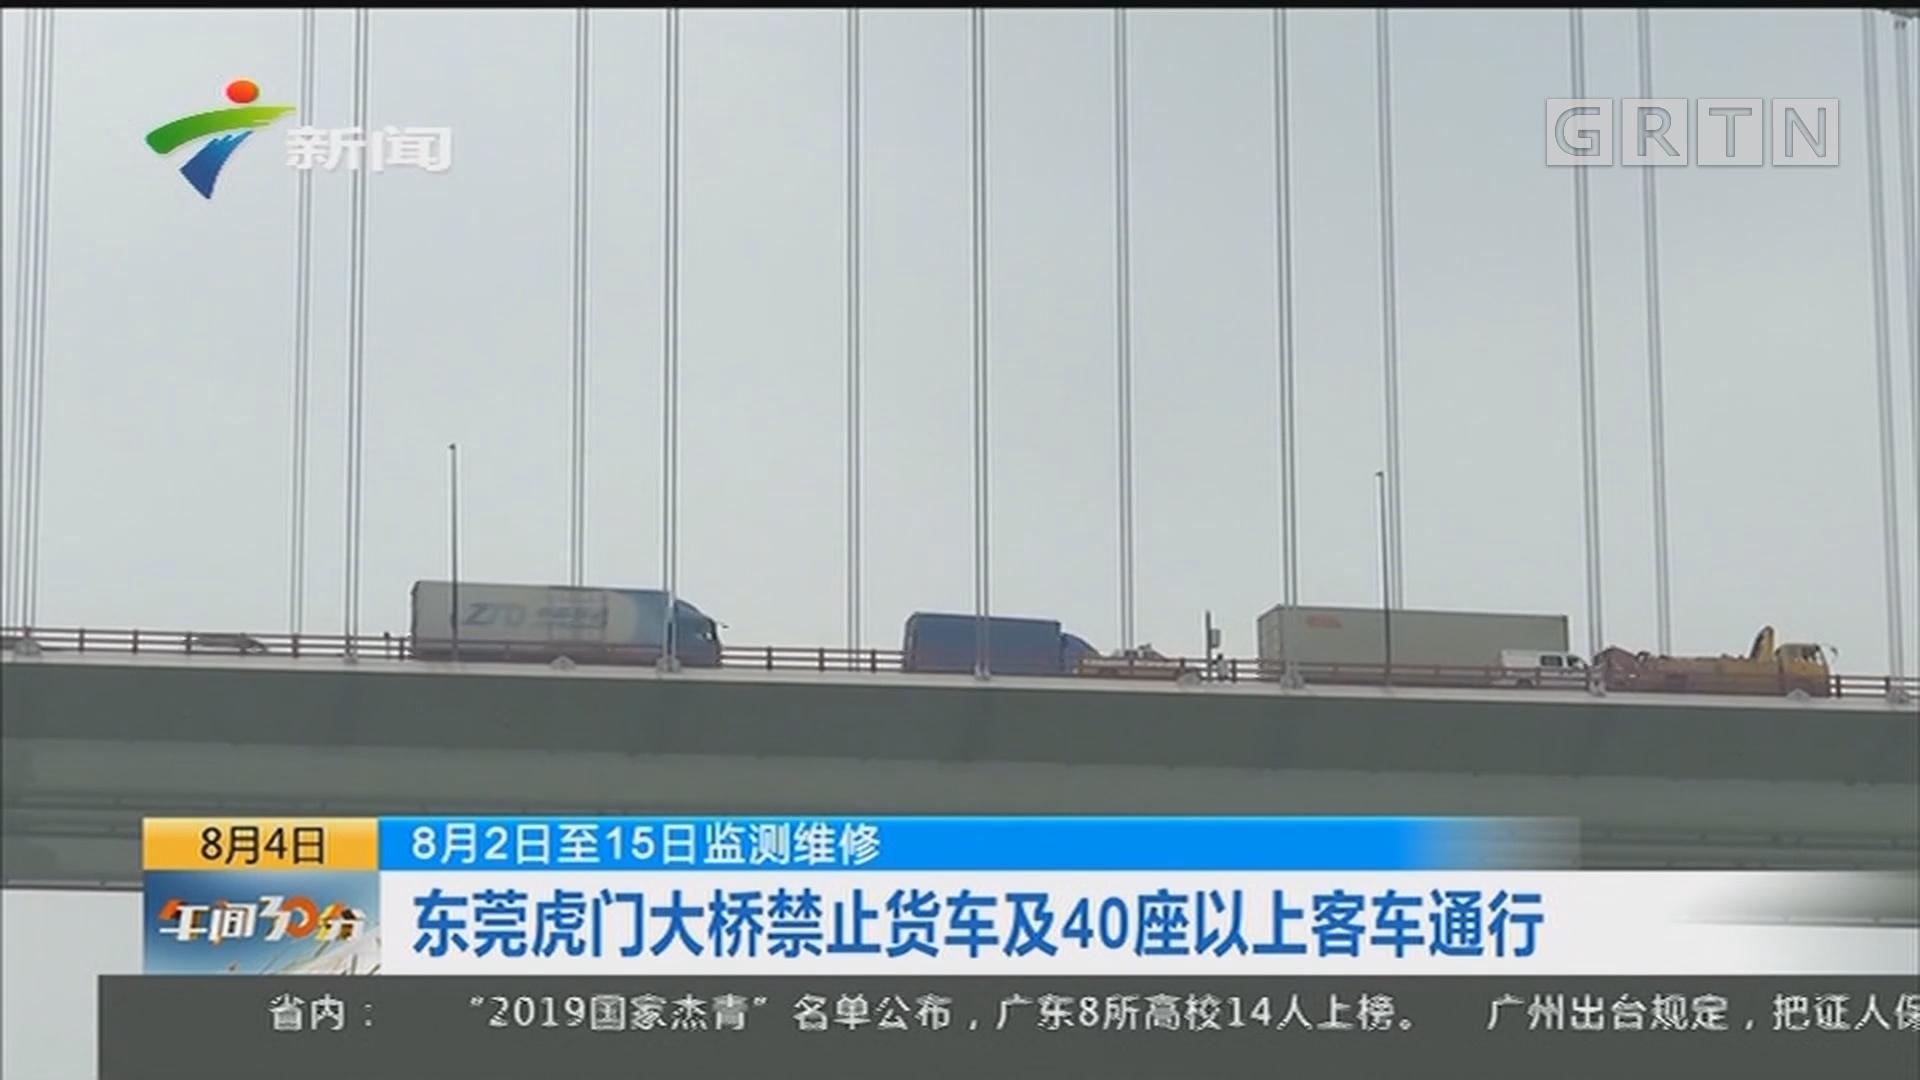 8月2日至15日监测维修:东莞虎门大桥禁止货车及40座以上客车通行